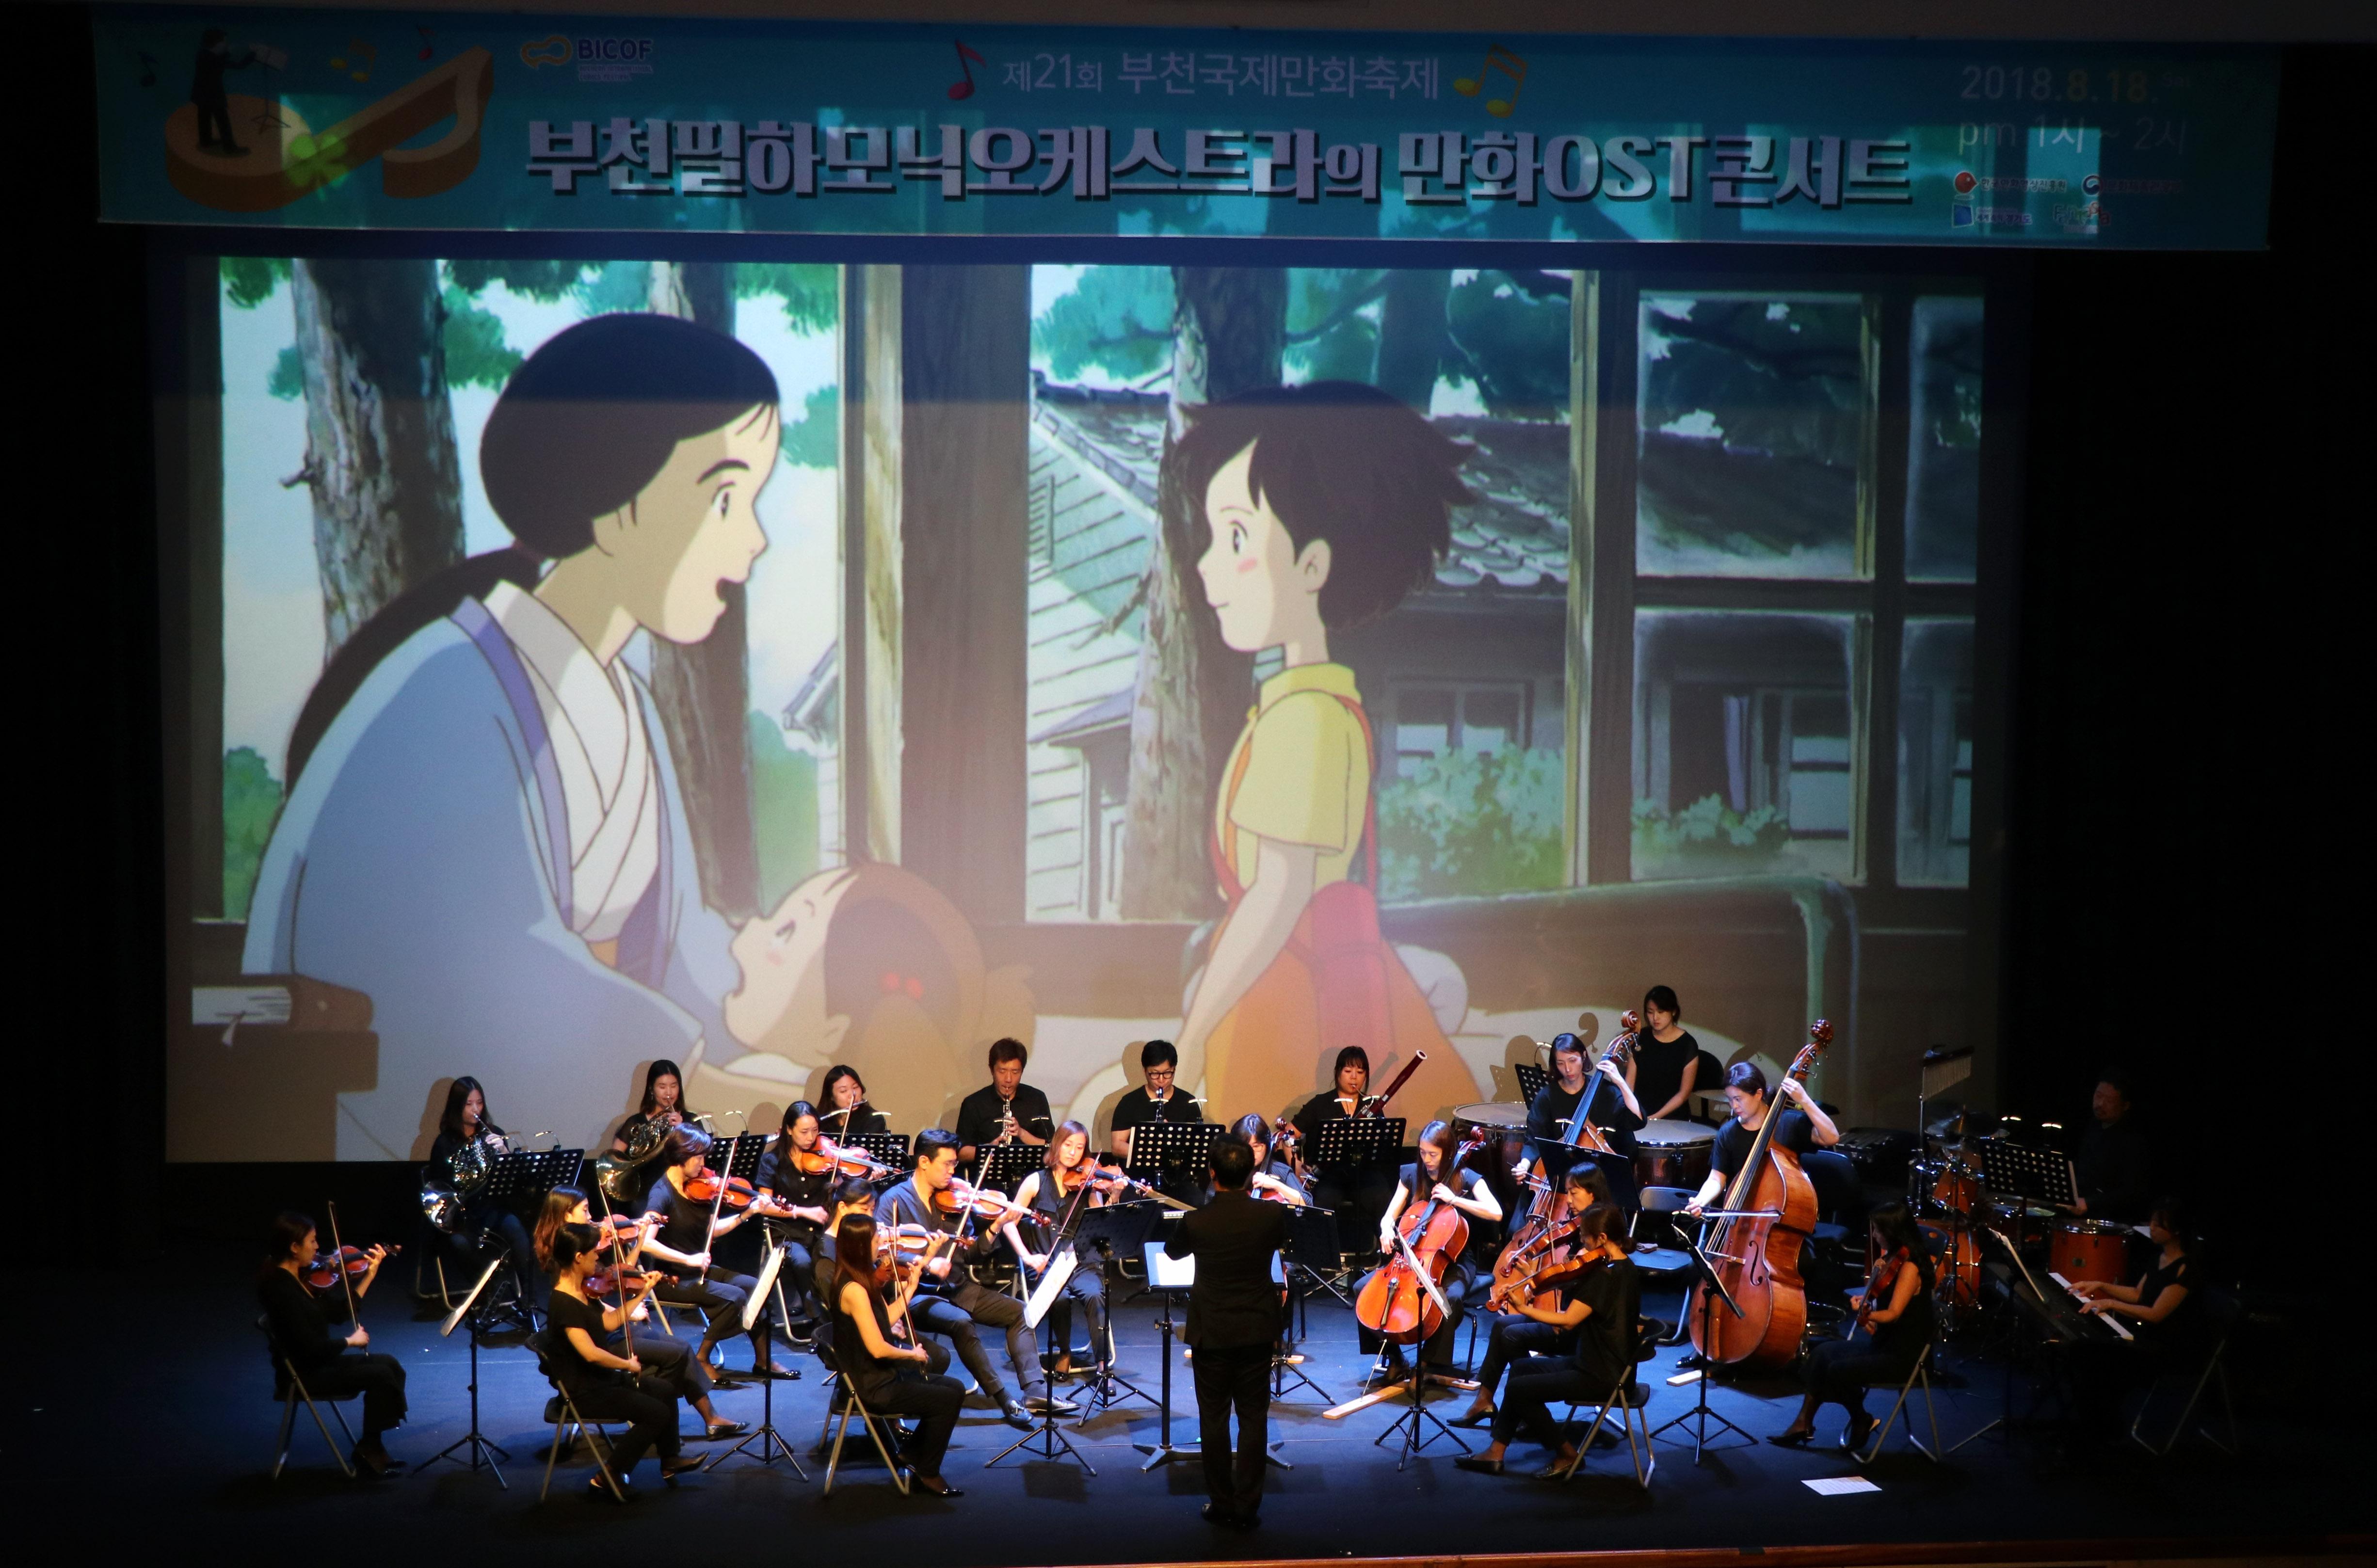 붙임5_부천필하모닉오케스트라 만화OST 콘서트 현장 사진.jpg